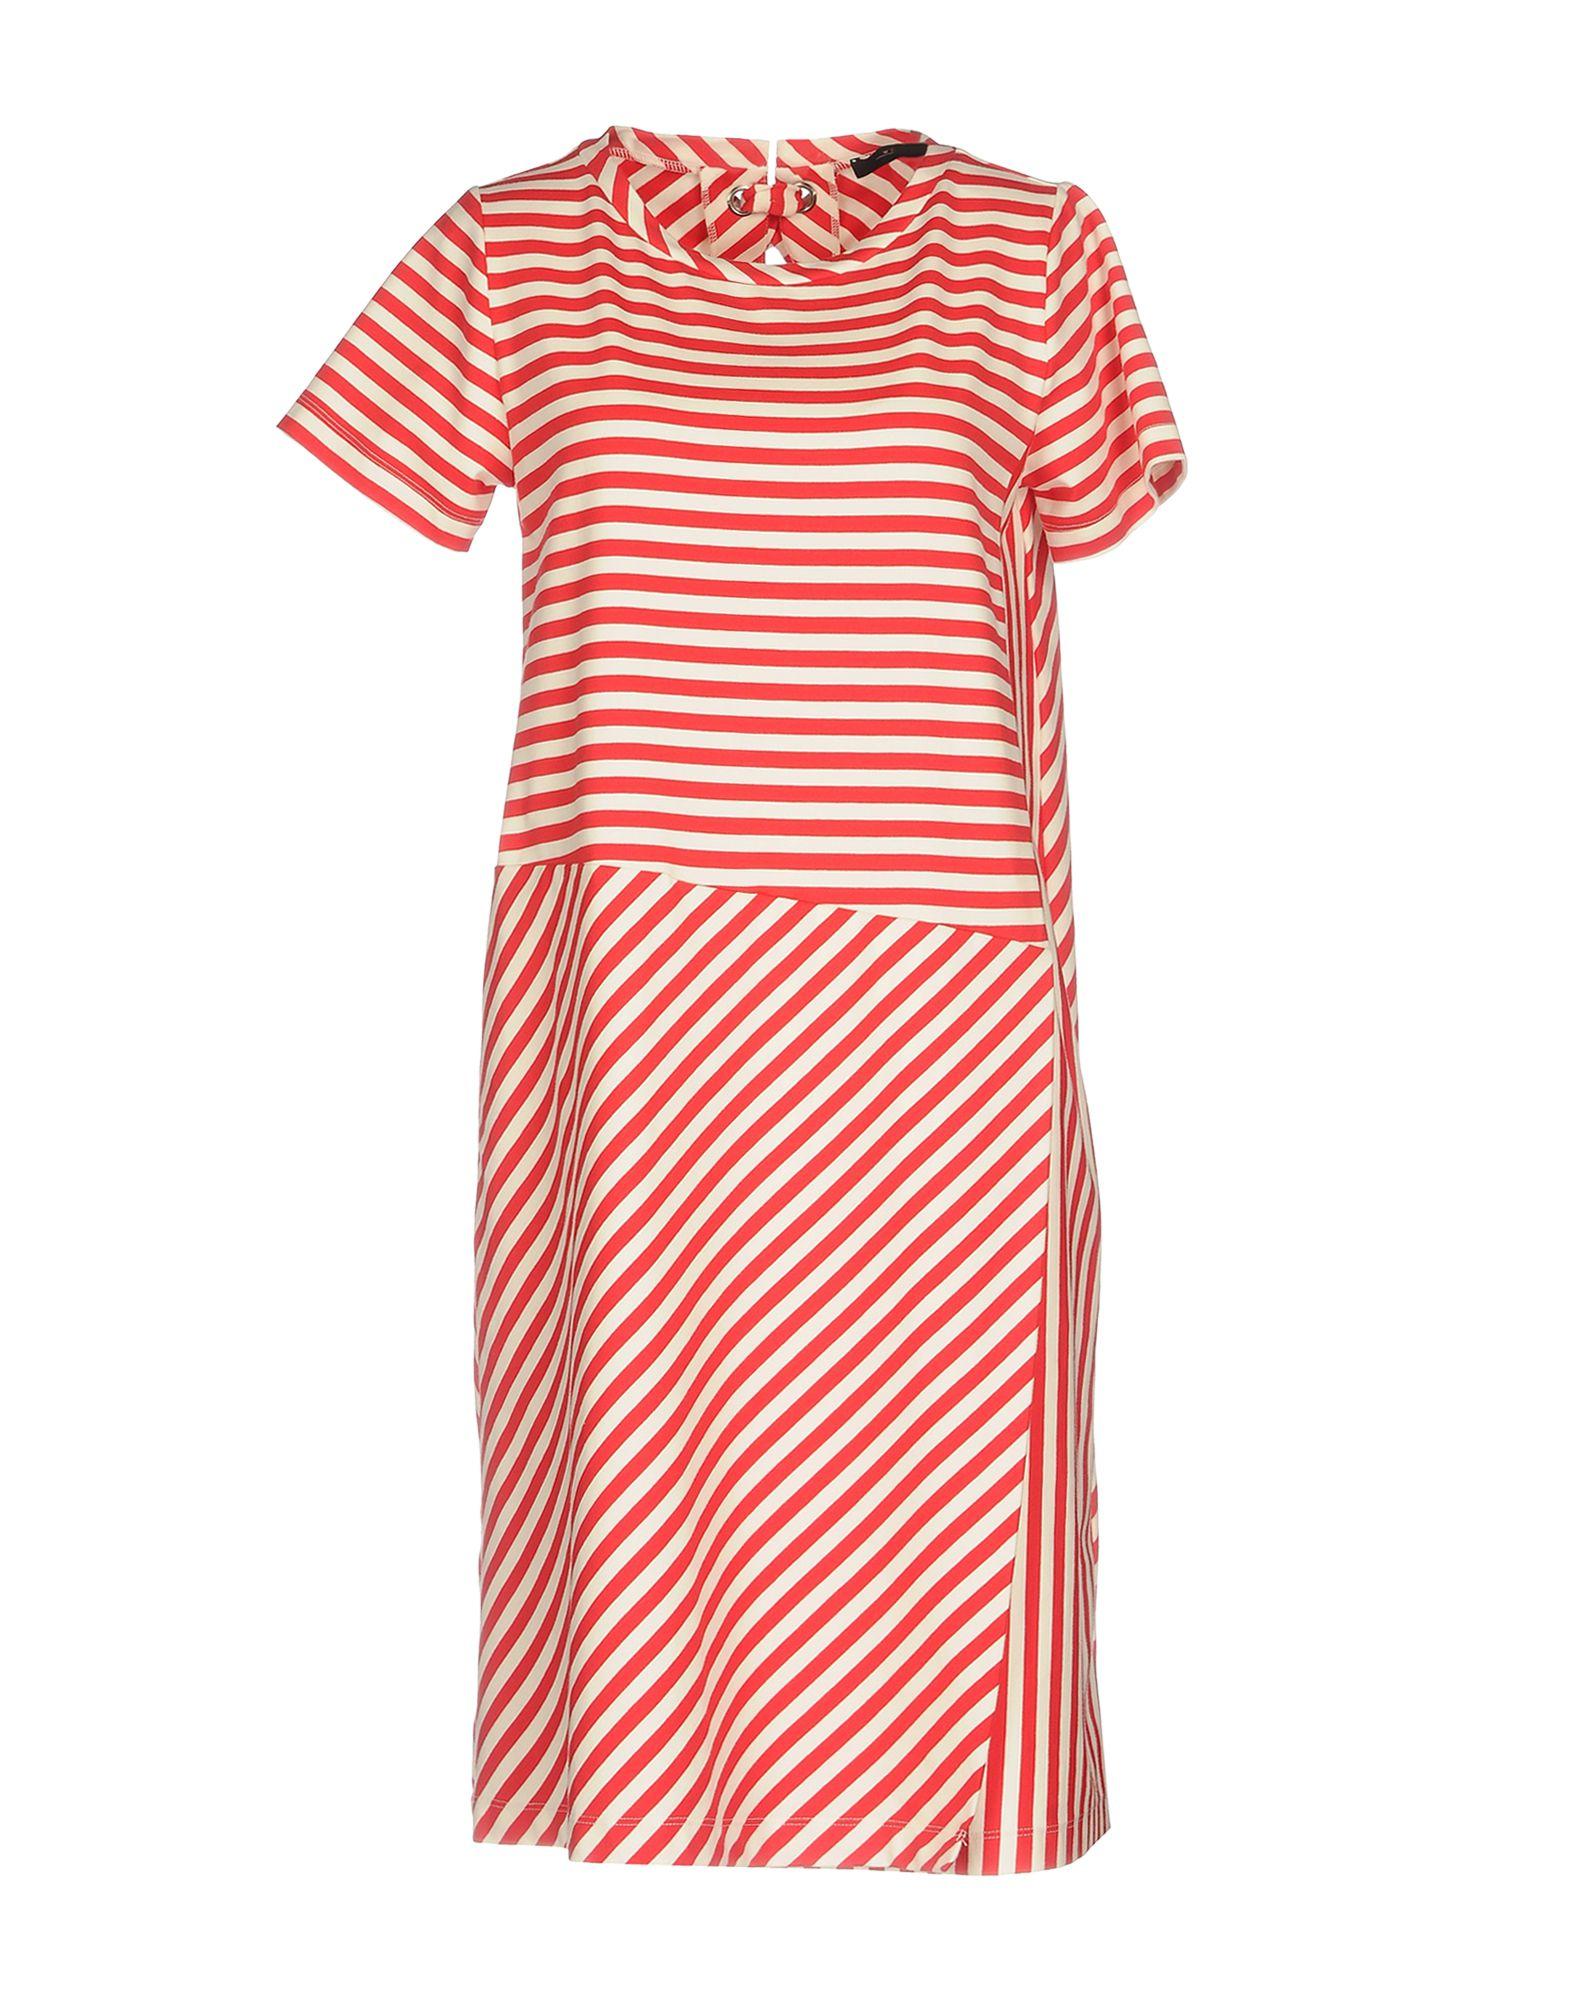 WEEKEND MAX MARA Damen Kurzes Kleid Farbe Rot Größe 5